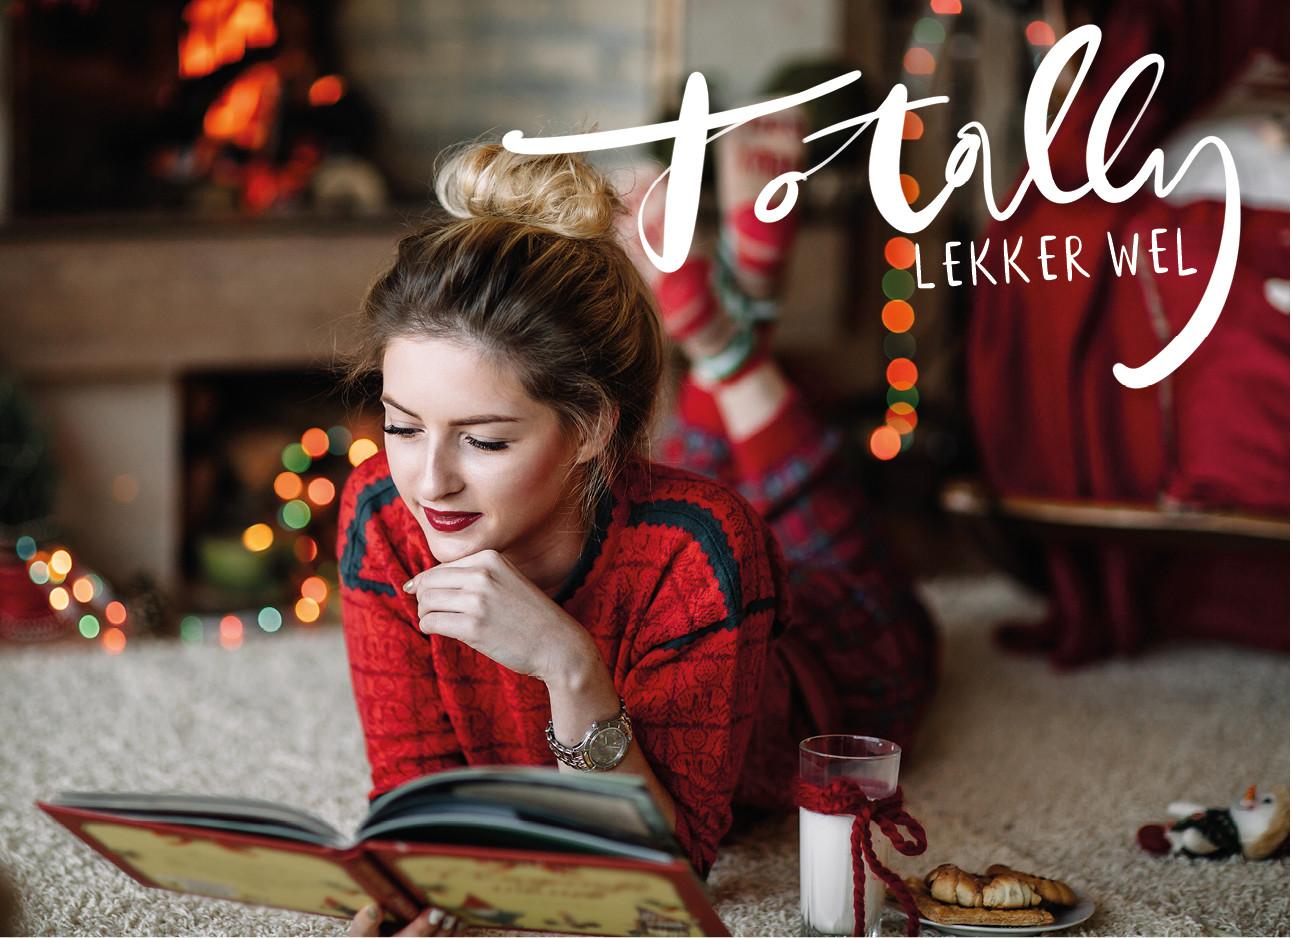 een meisje dat in haar pyjama op de grond een boek aan t lezenis